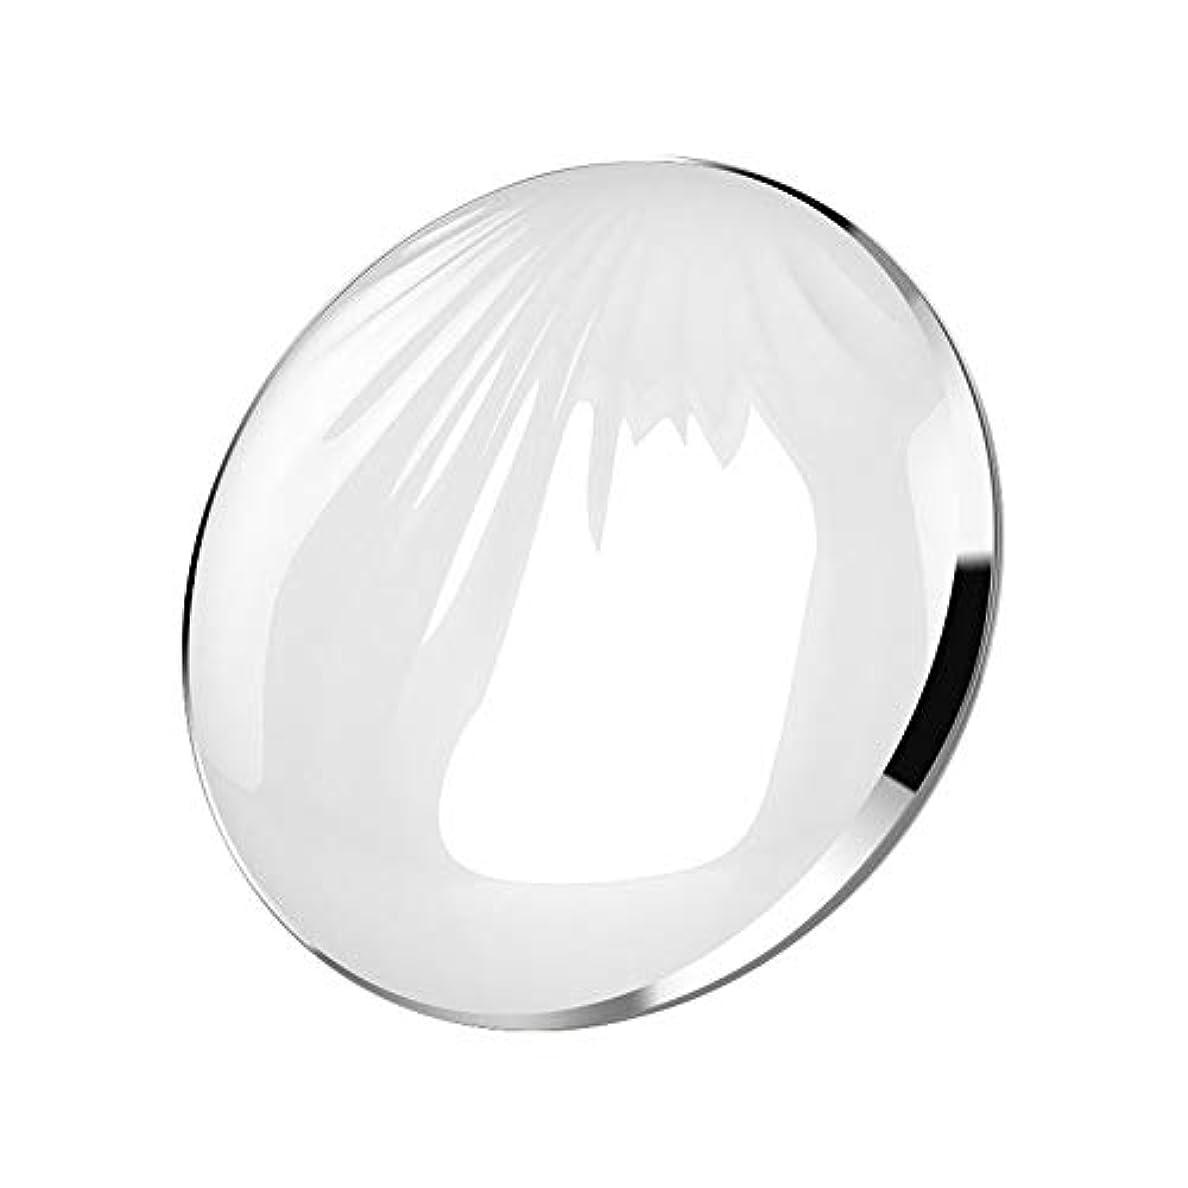 子羊休日かわいらしい流行の クリエイティブled化粧鏡シェルポータブル折りたたみ式フィルライトusbモバイル充電宝美容鏡化粧台ミラーピンクシルバーコールドライトウォームライトミックスライト (色 : Silver)